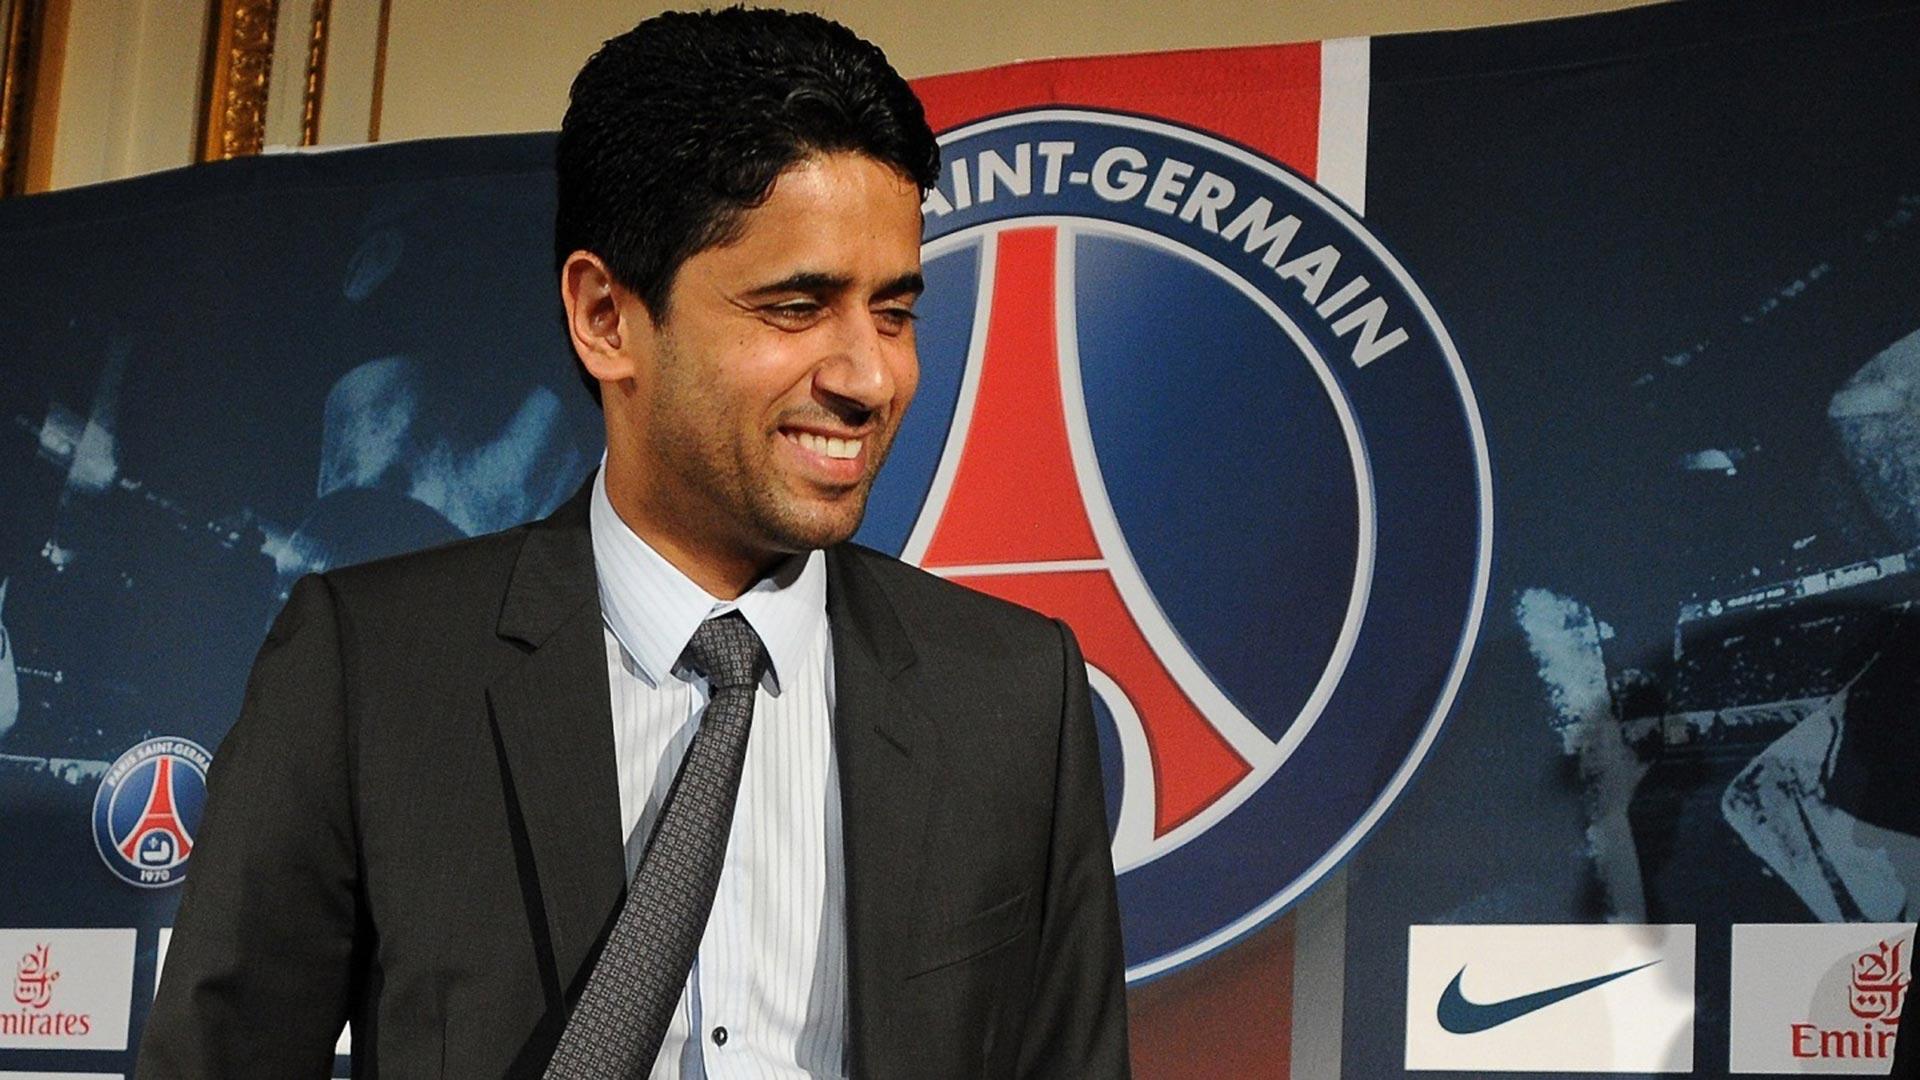 El dueño del PSG, Nasser Al-Khelaifi